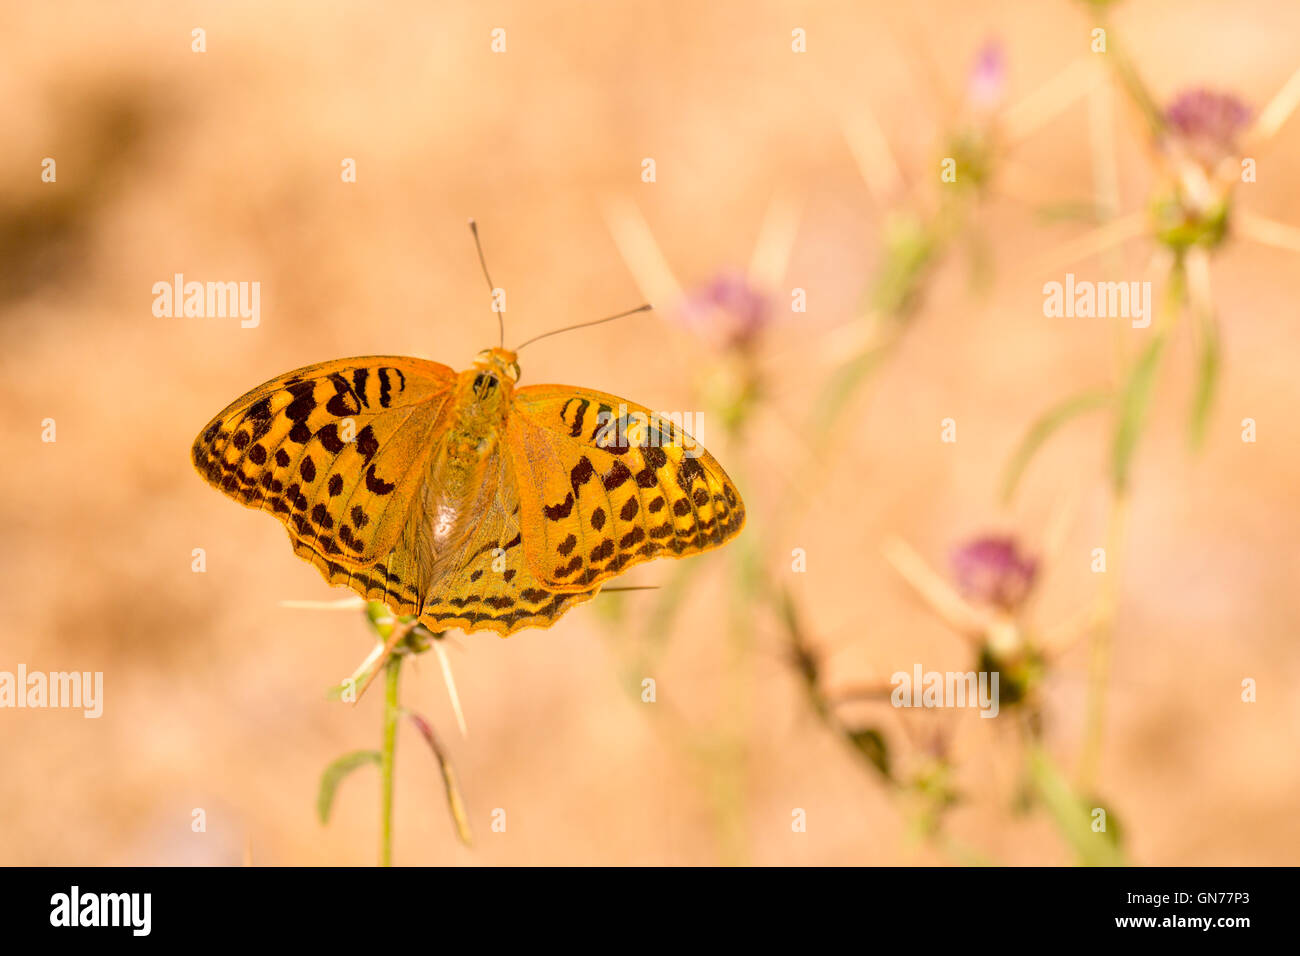 Cardinal (papillon Argynnis pandora). Ce papillon est commun dans tout le sud de l'Europe et se retrouve également Photo Stock